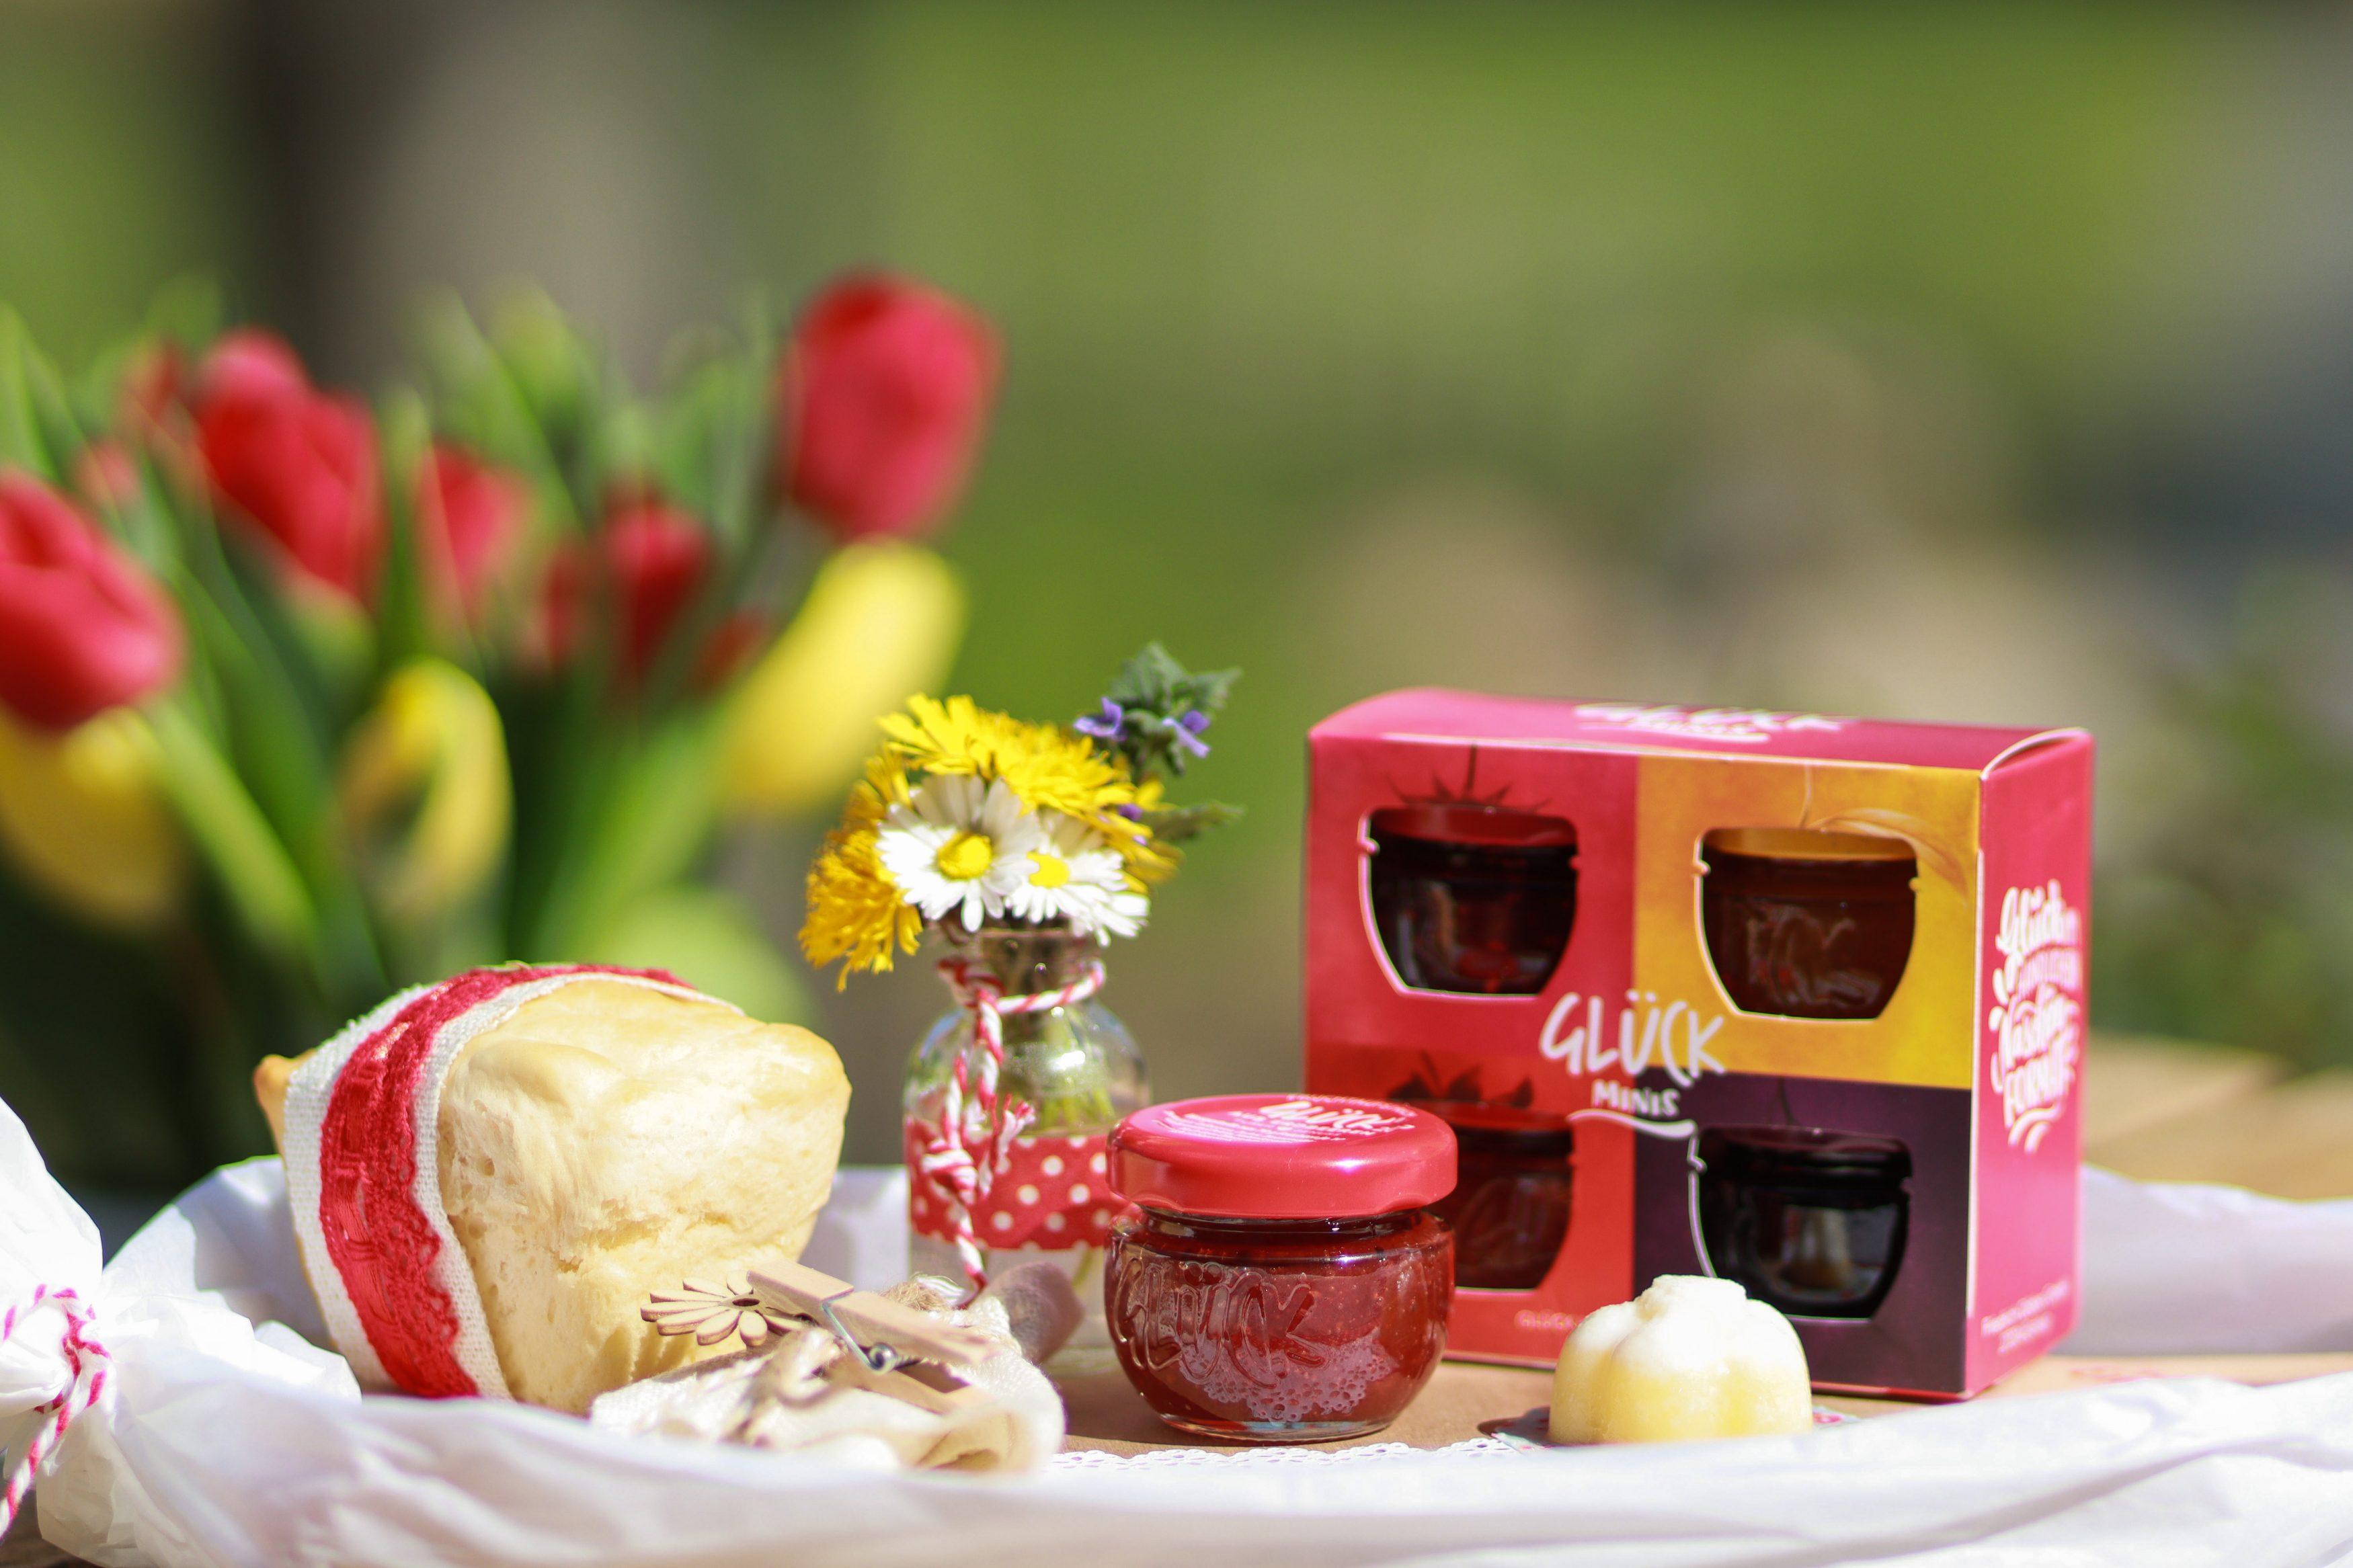 Mini Glück Marmeladen Gläschen mit Minibrioche und Miniblumenstrauß